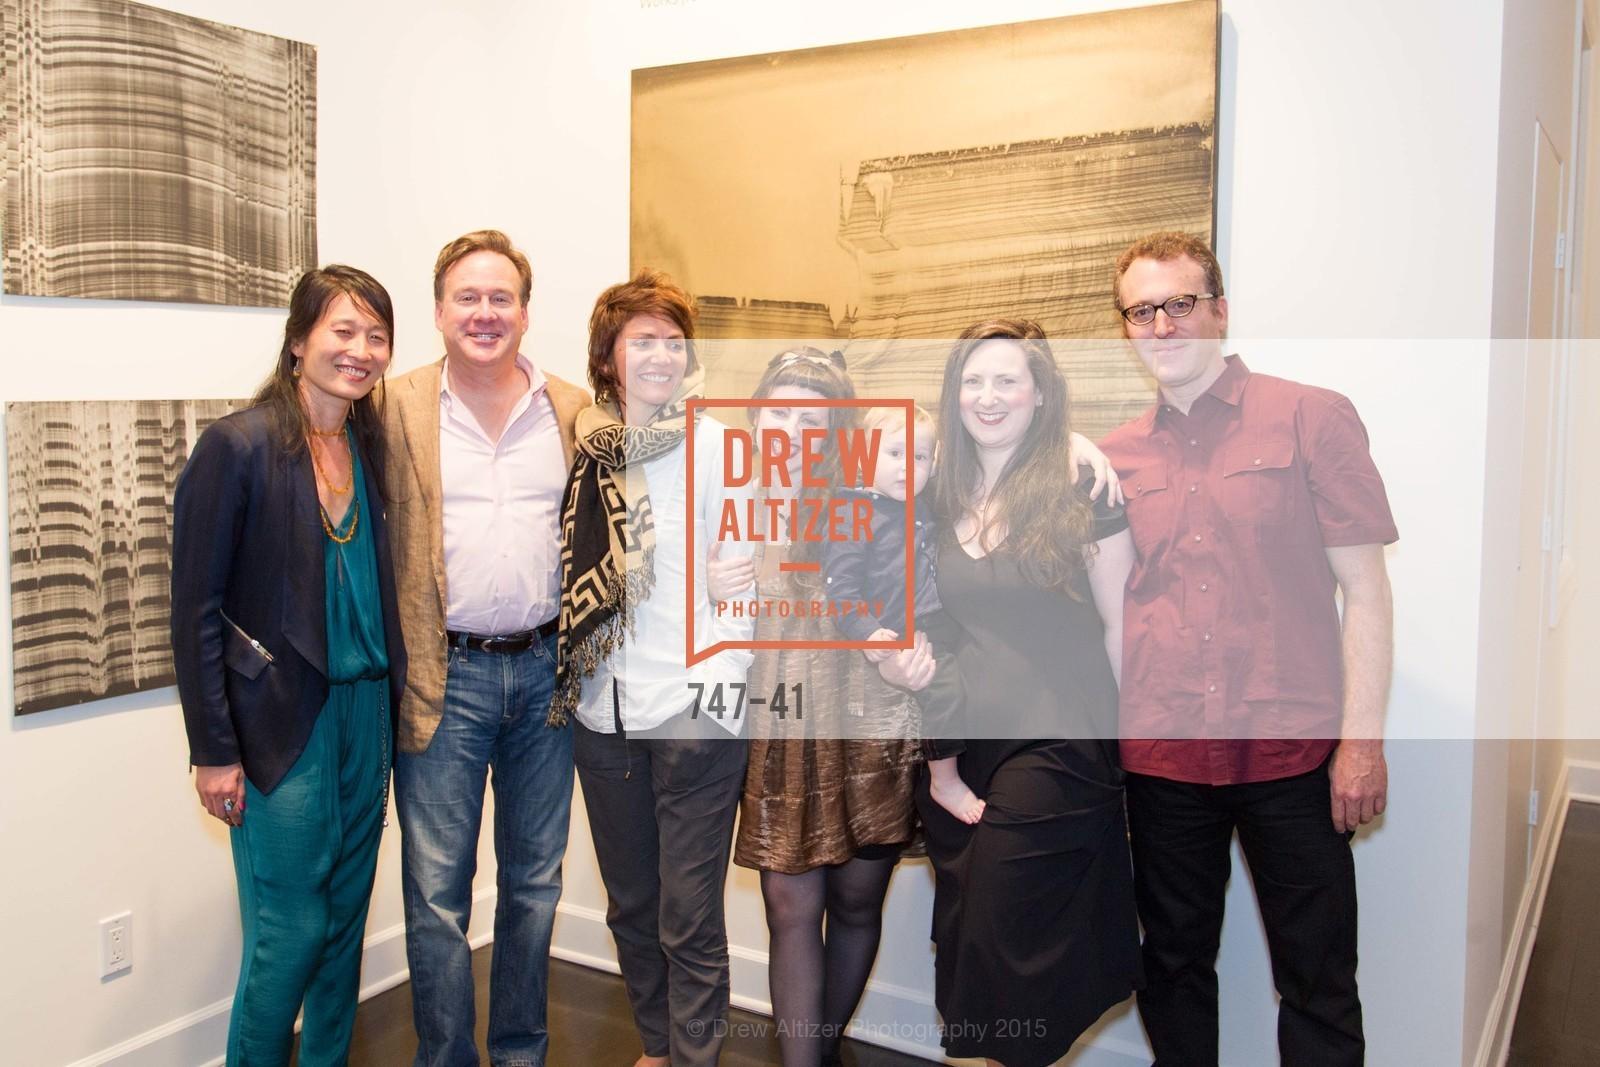 Sung Lee, David Donn, Miriam Cabessa, Jilian Monribot, Janel Dryan, Geoffrey Dryan, Projex Connect presents